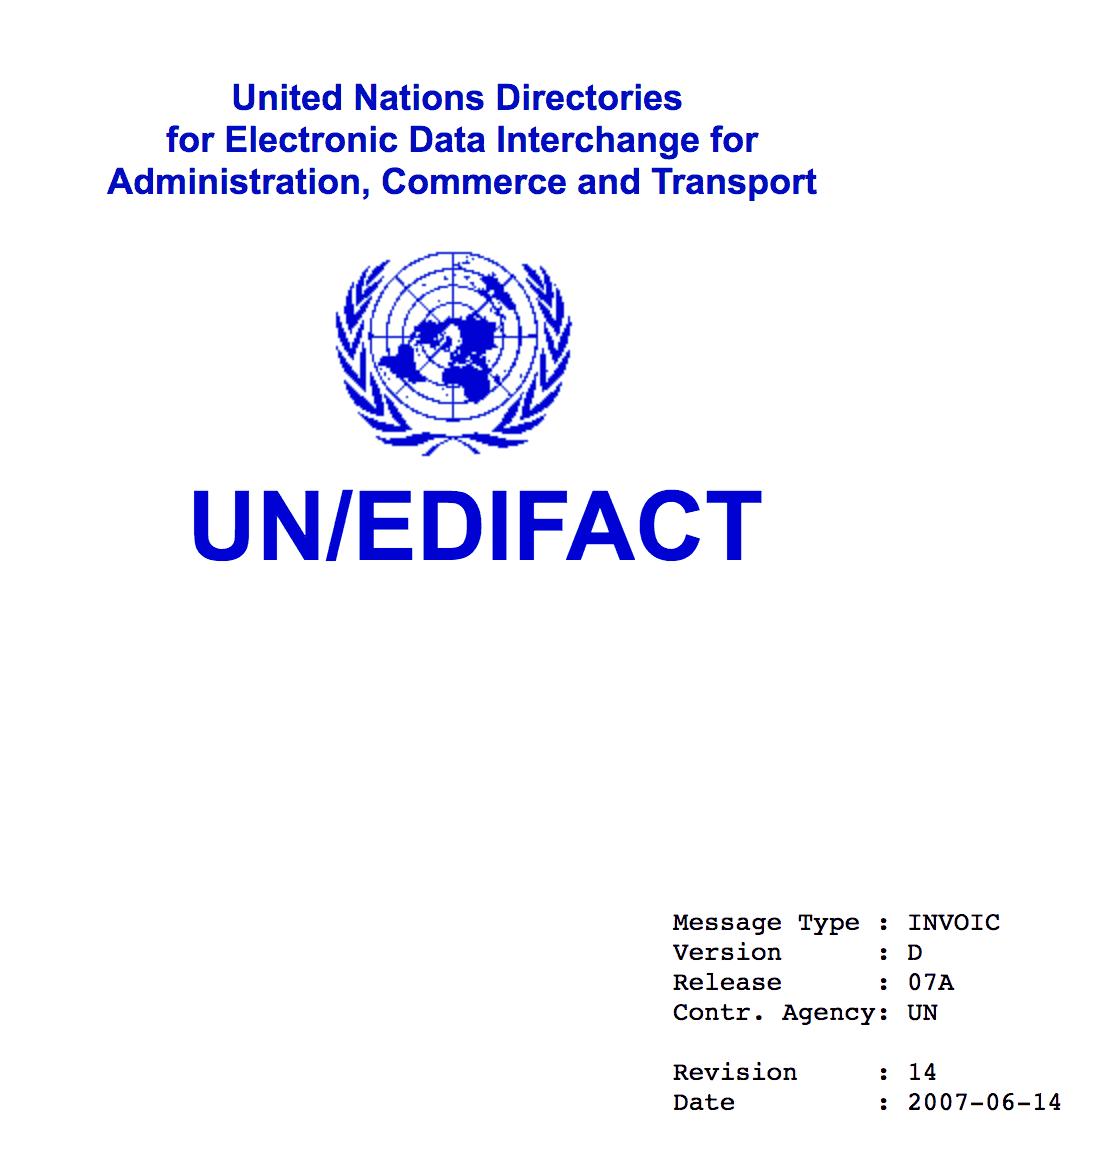 UN/CEFACT INVOIC D07A-Standard